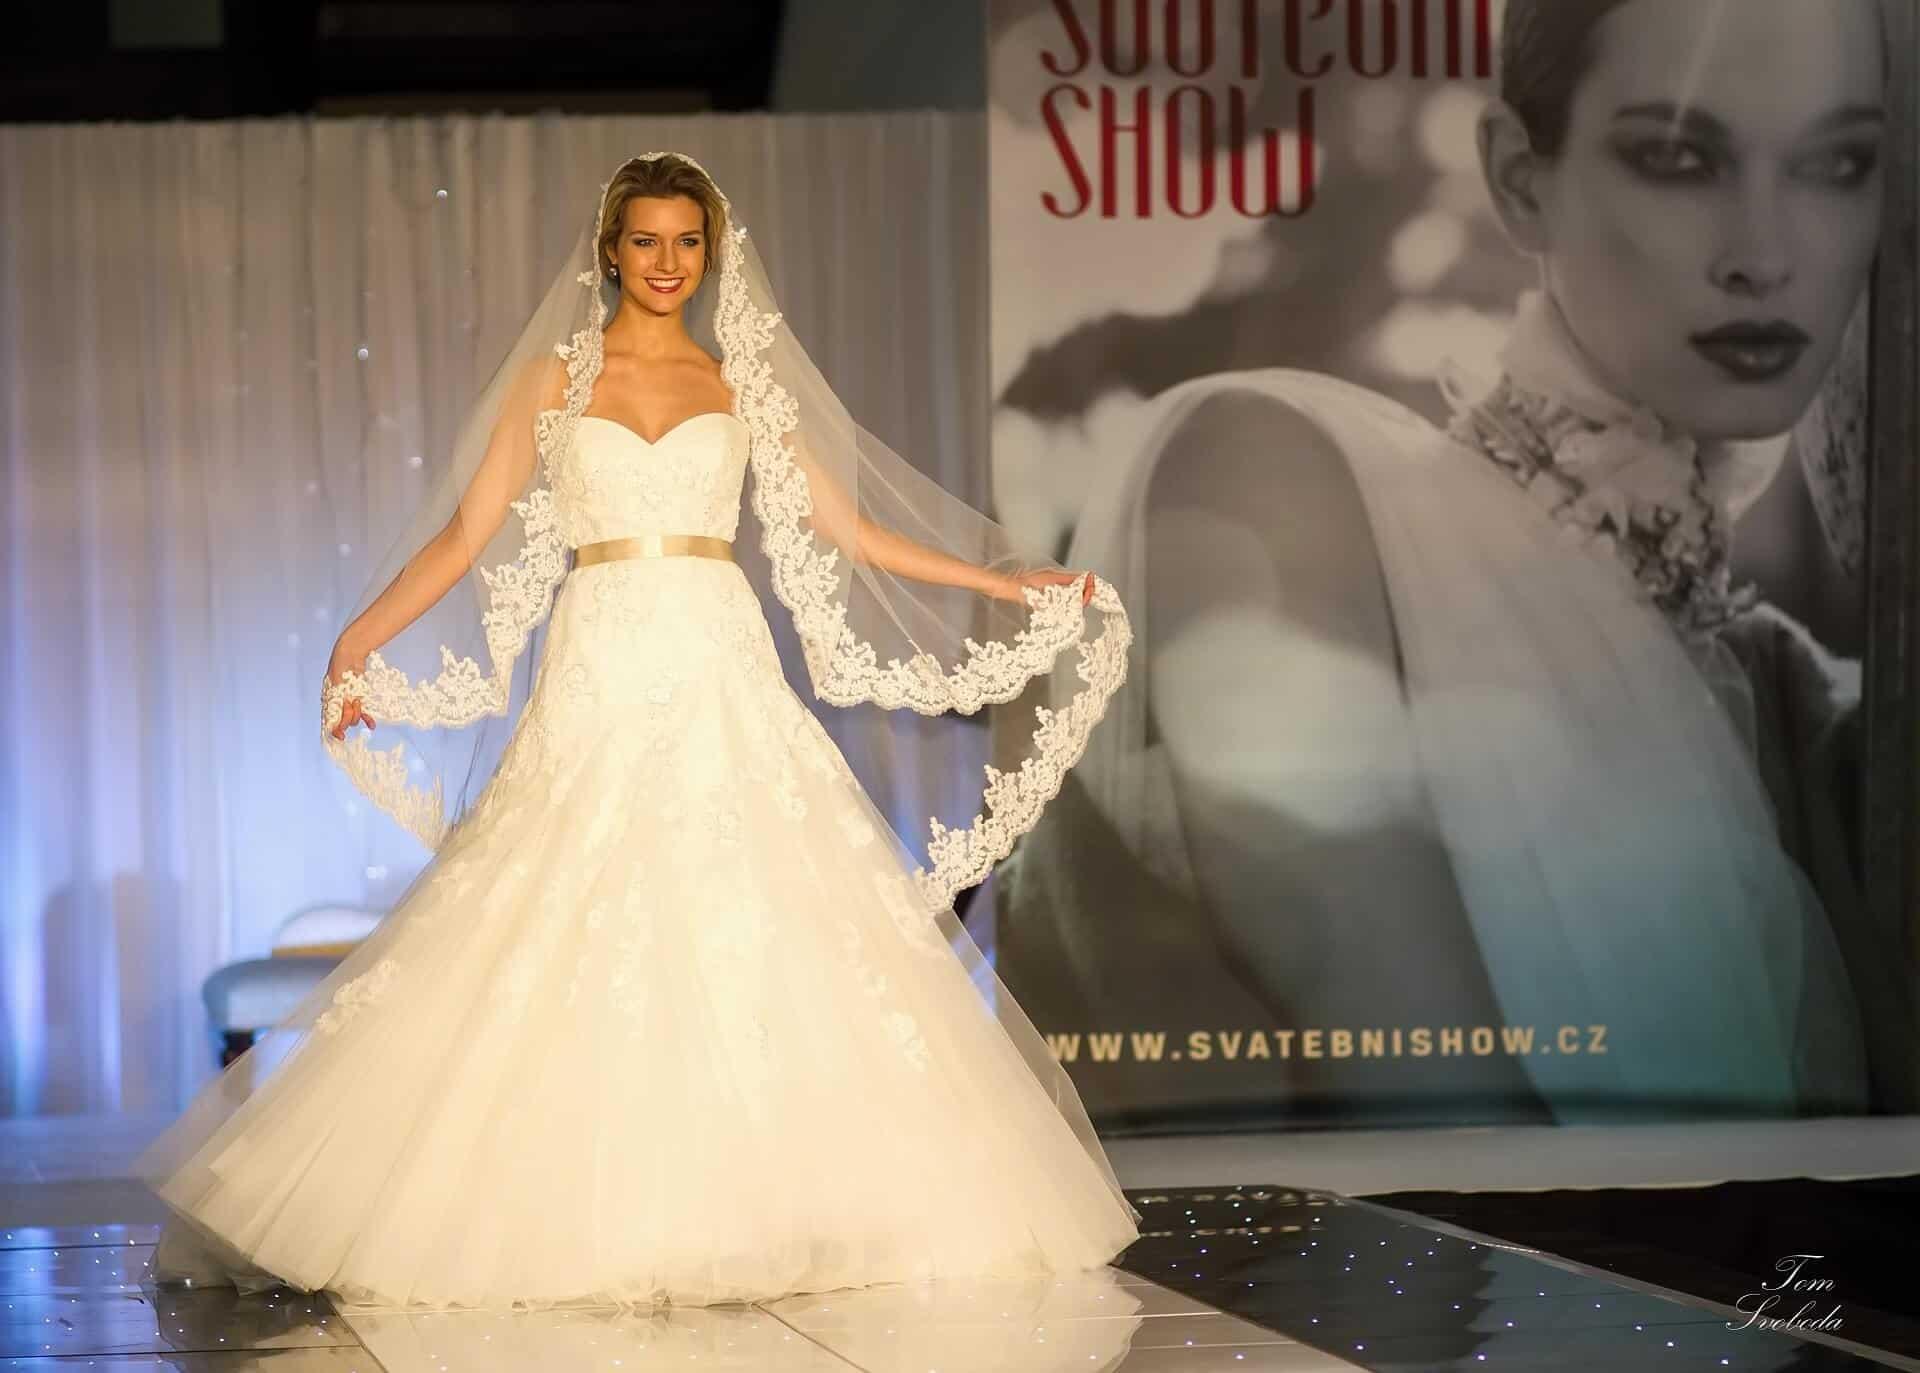 Svatební SHOW Brno nevěsta se zvojem